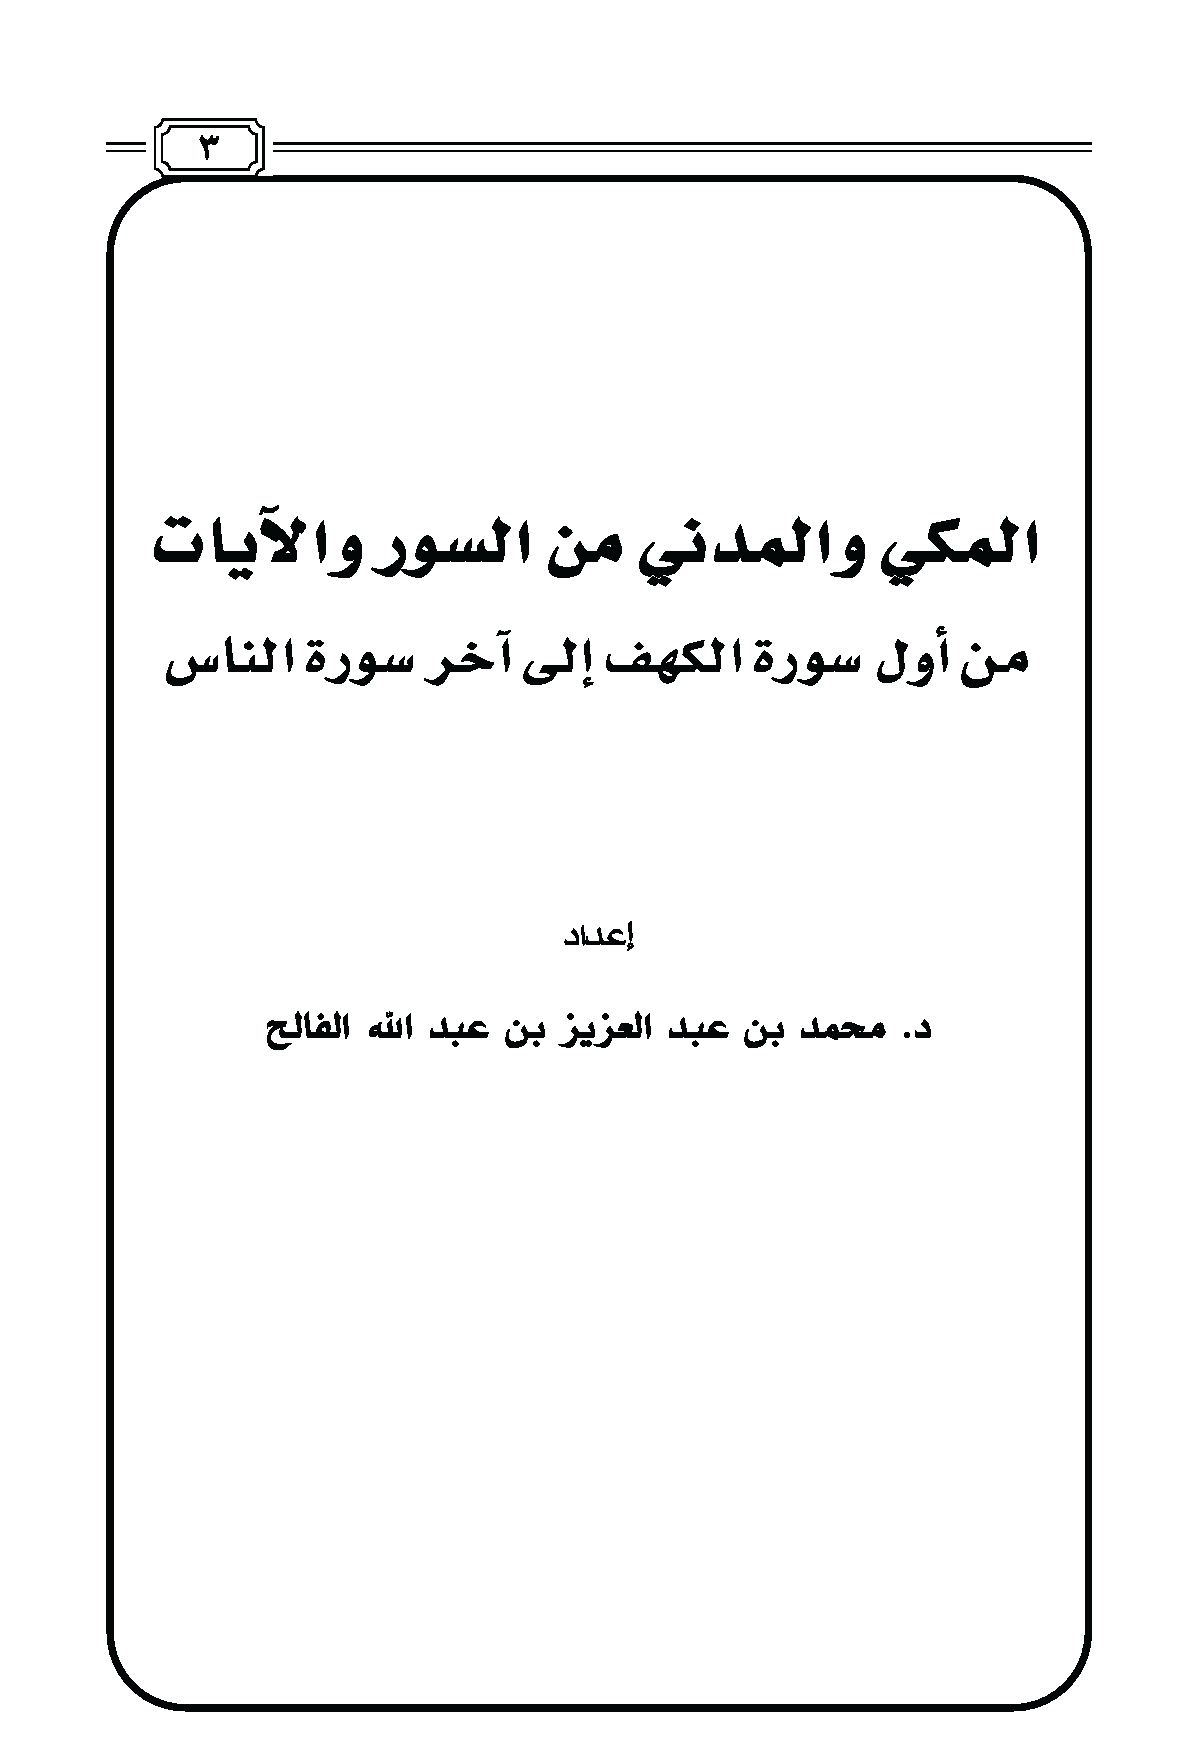 تحميل كتاب المكي والمدني من السور والآيات من أول سورة الكهف إلى آخر سورة الناس لـِ: الدكتور محمد بن عبد العزيز بن عبد الله الفالح